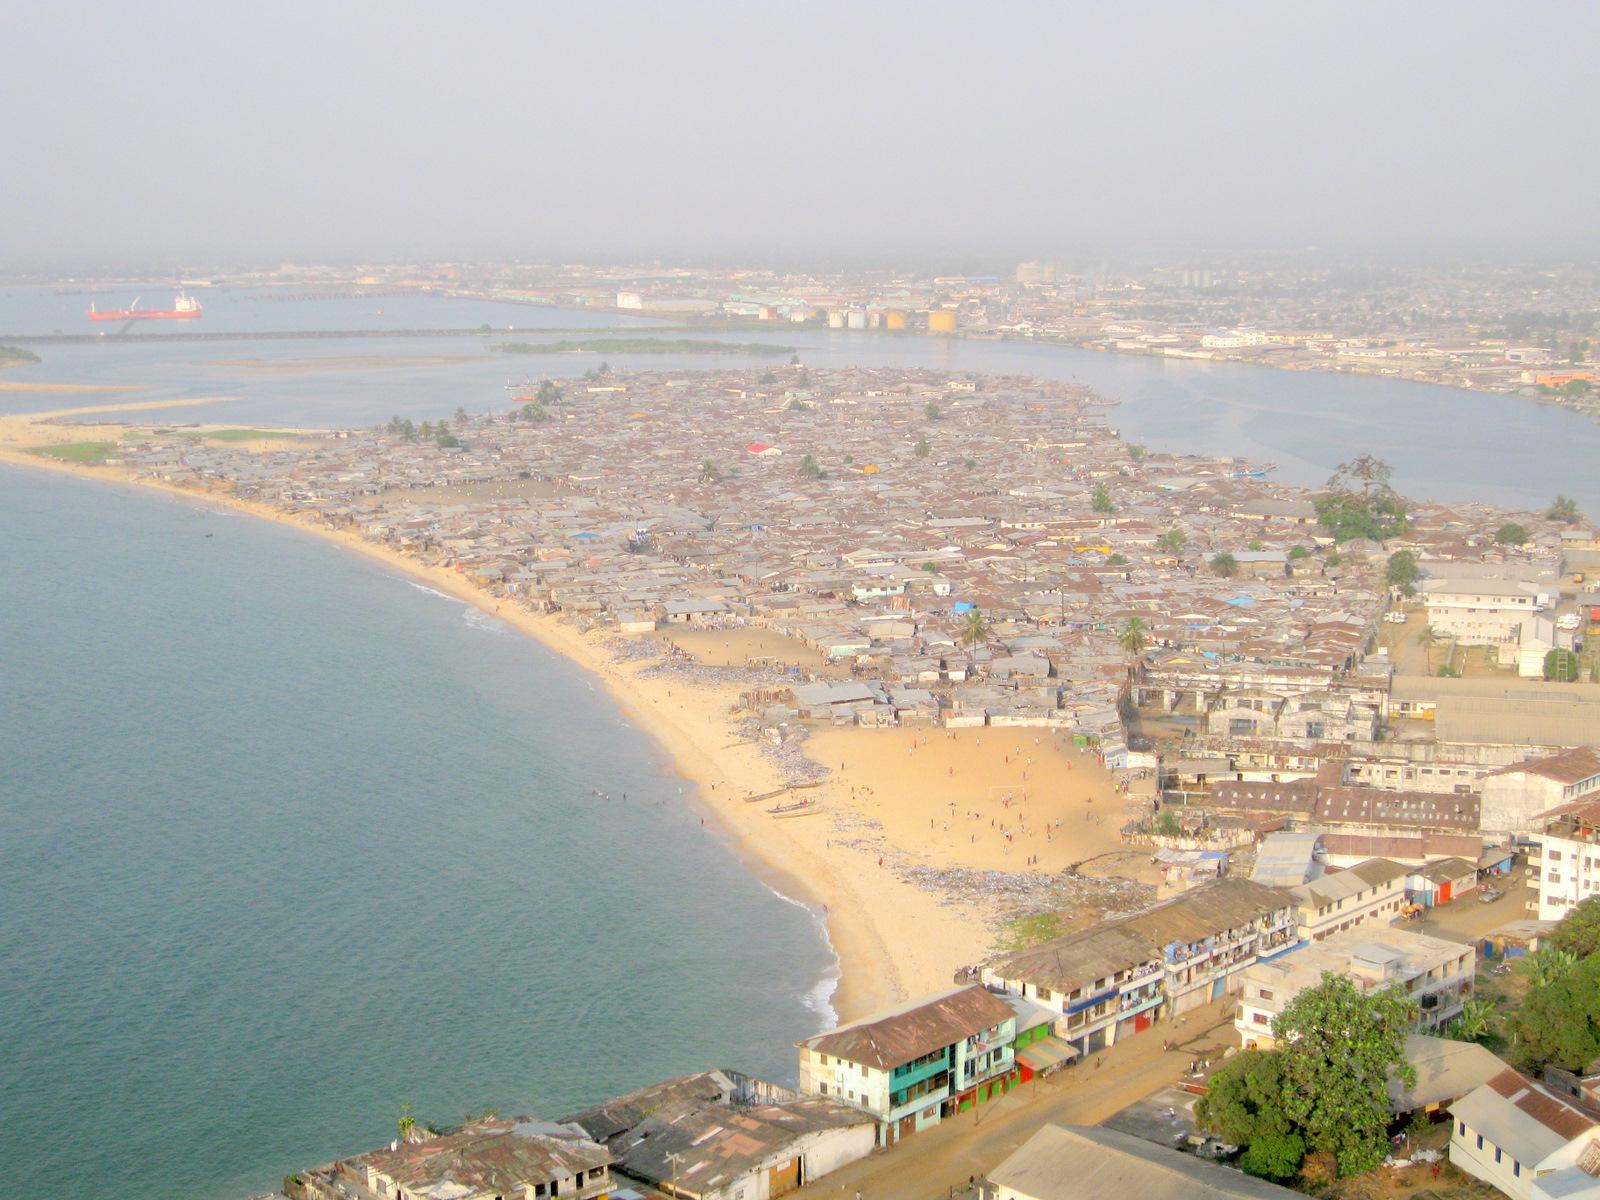 Île Bushrod, Monrovia, Libéria